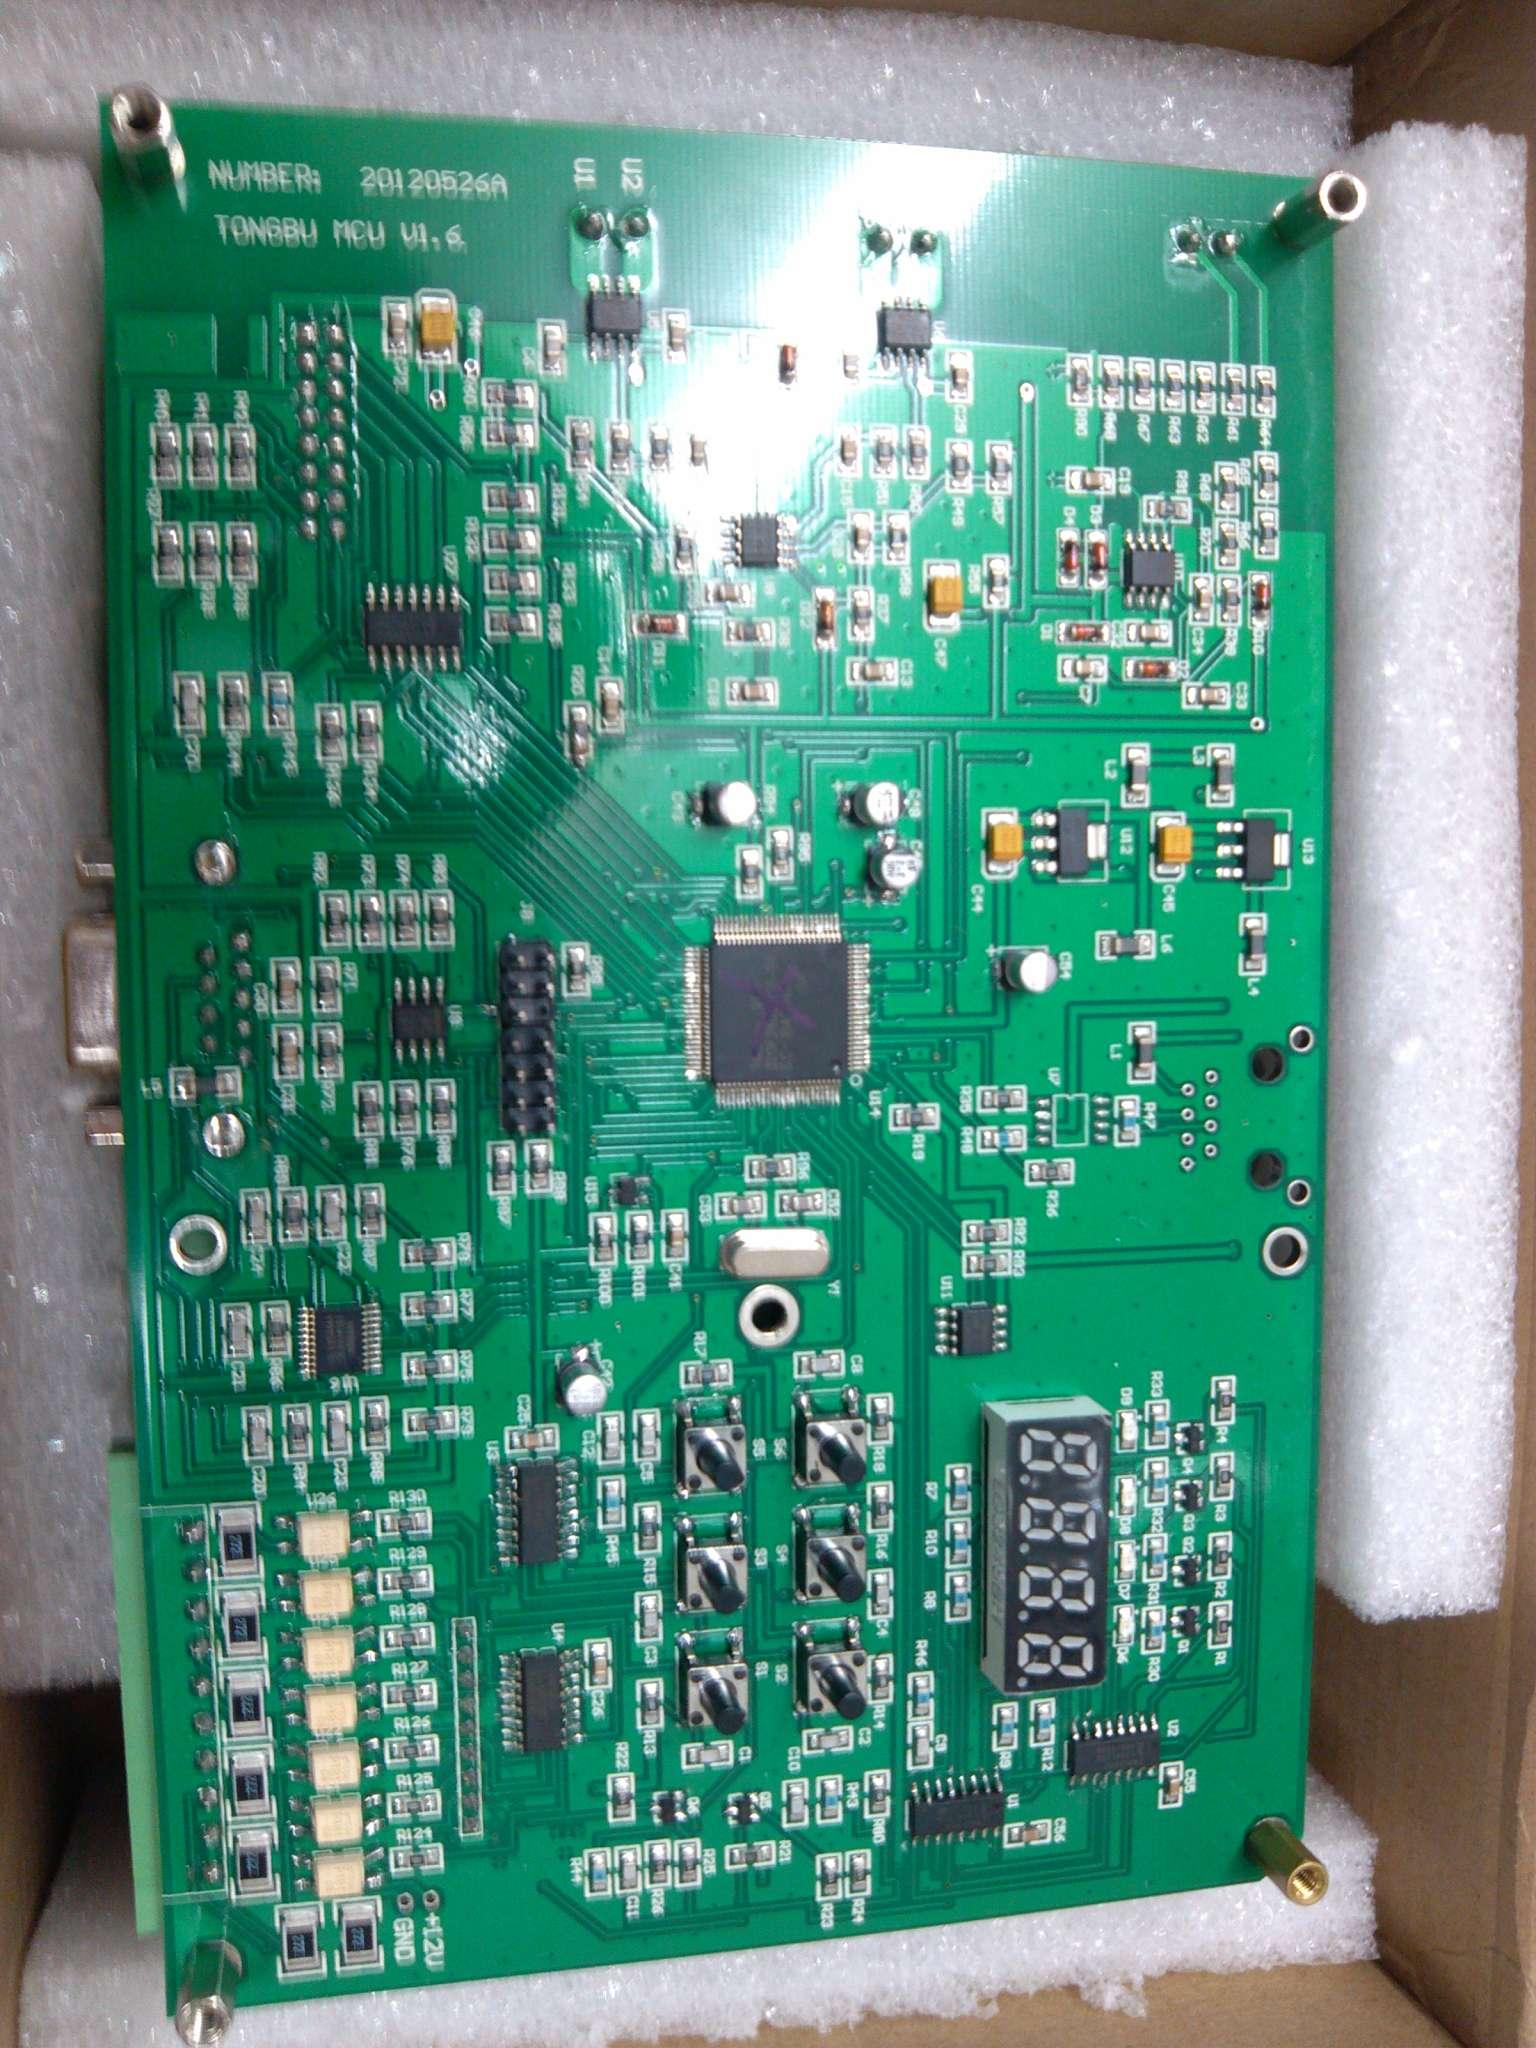 此电路板为伺服电机控制系统